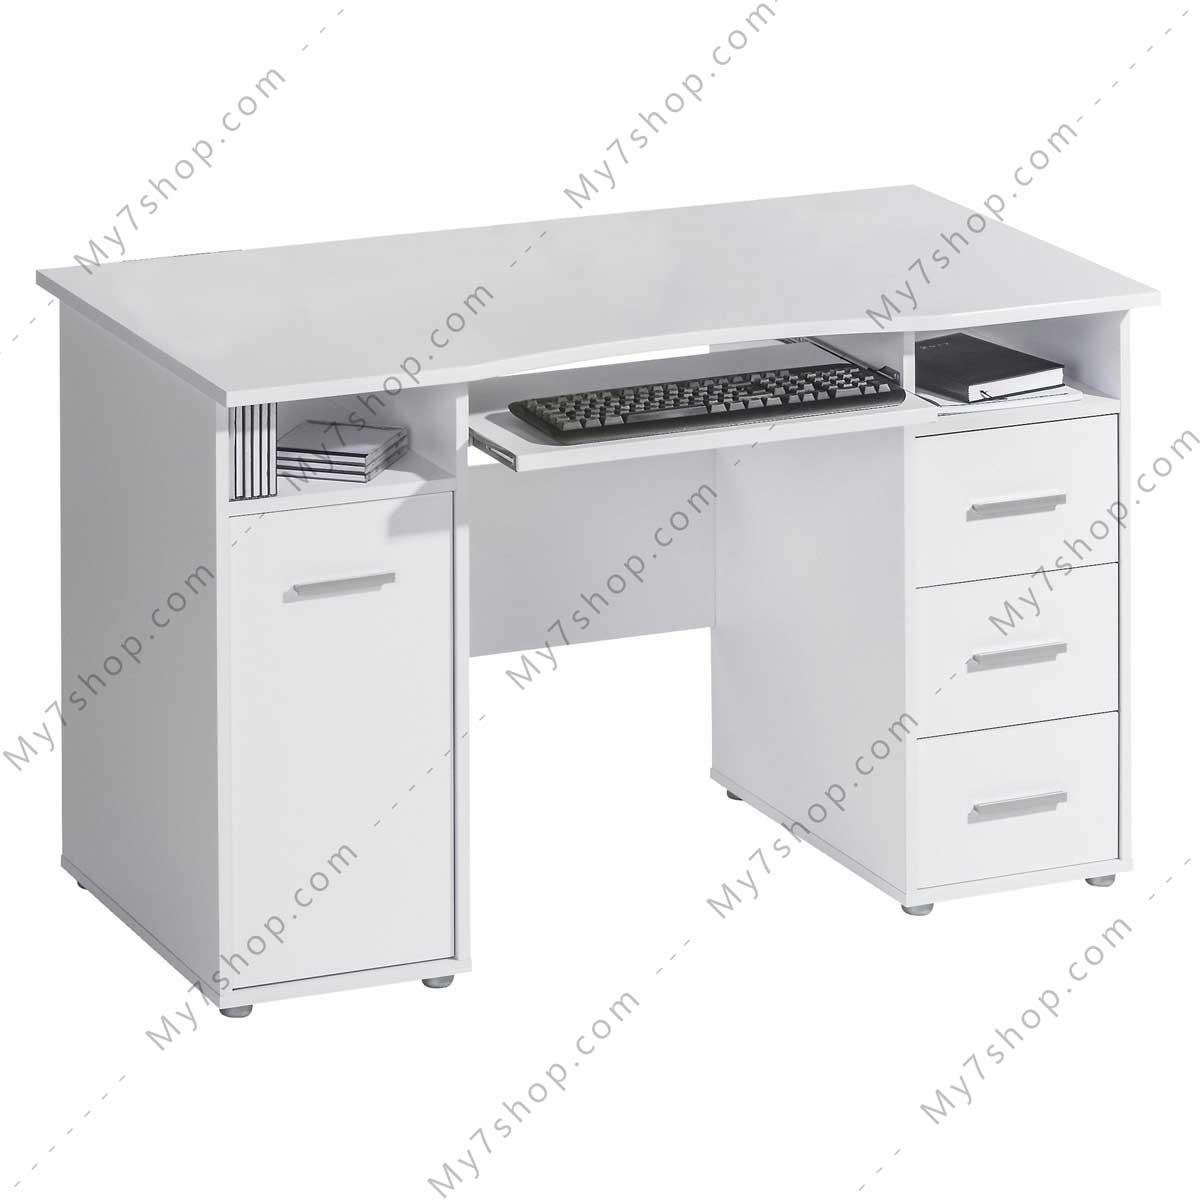 میز کامپیوتر 7515-1